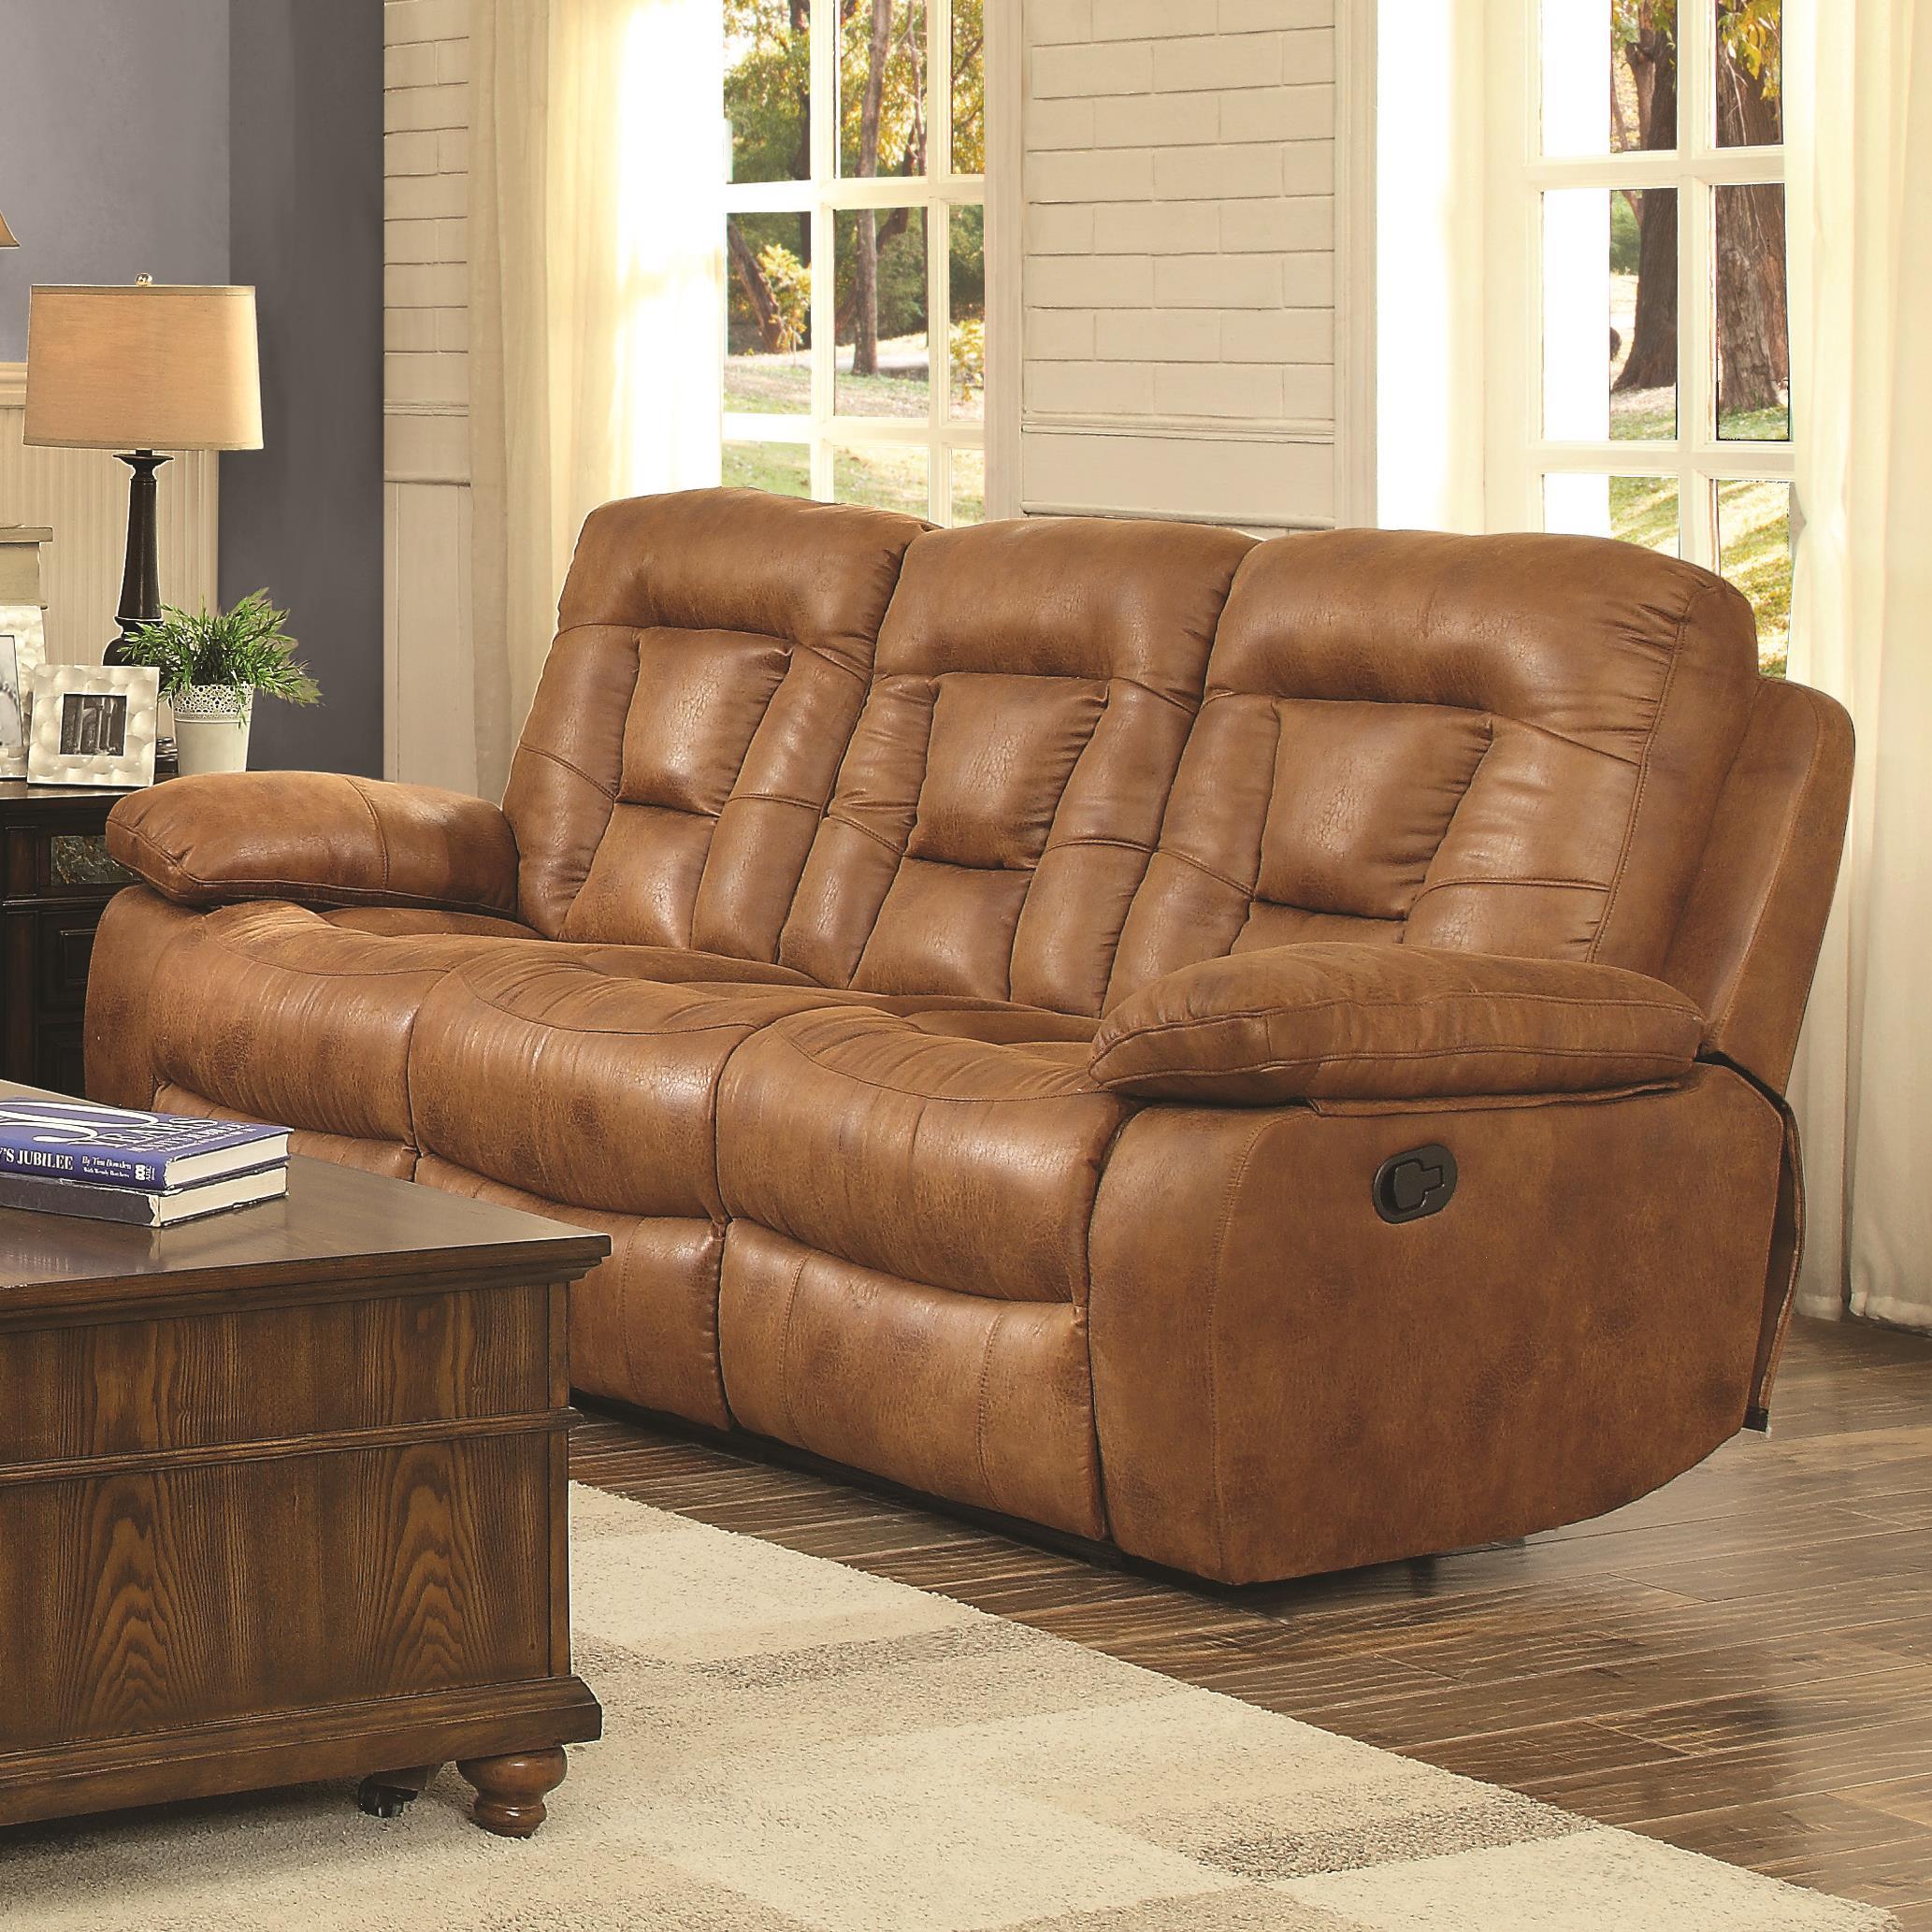 Coaster Evensky Power Sofa - Item Number: 601864P